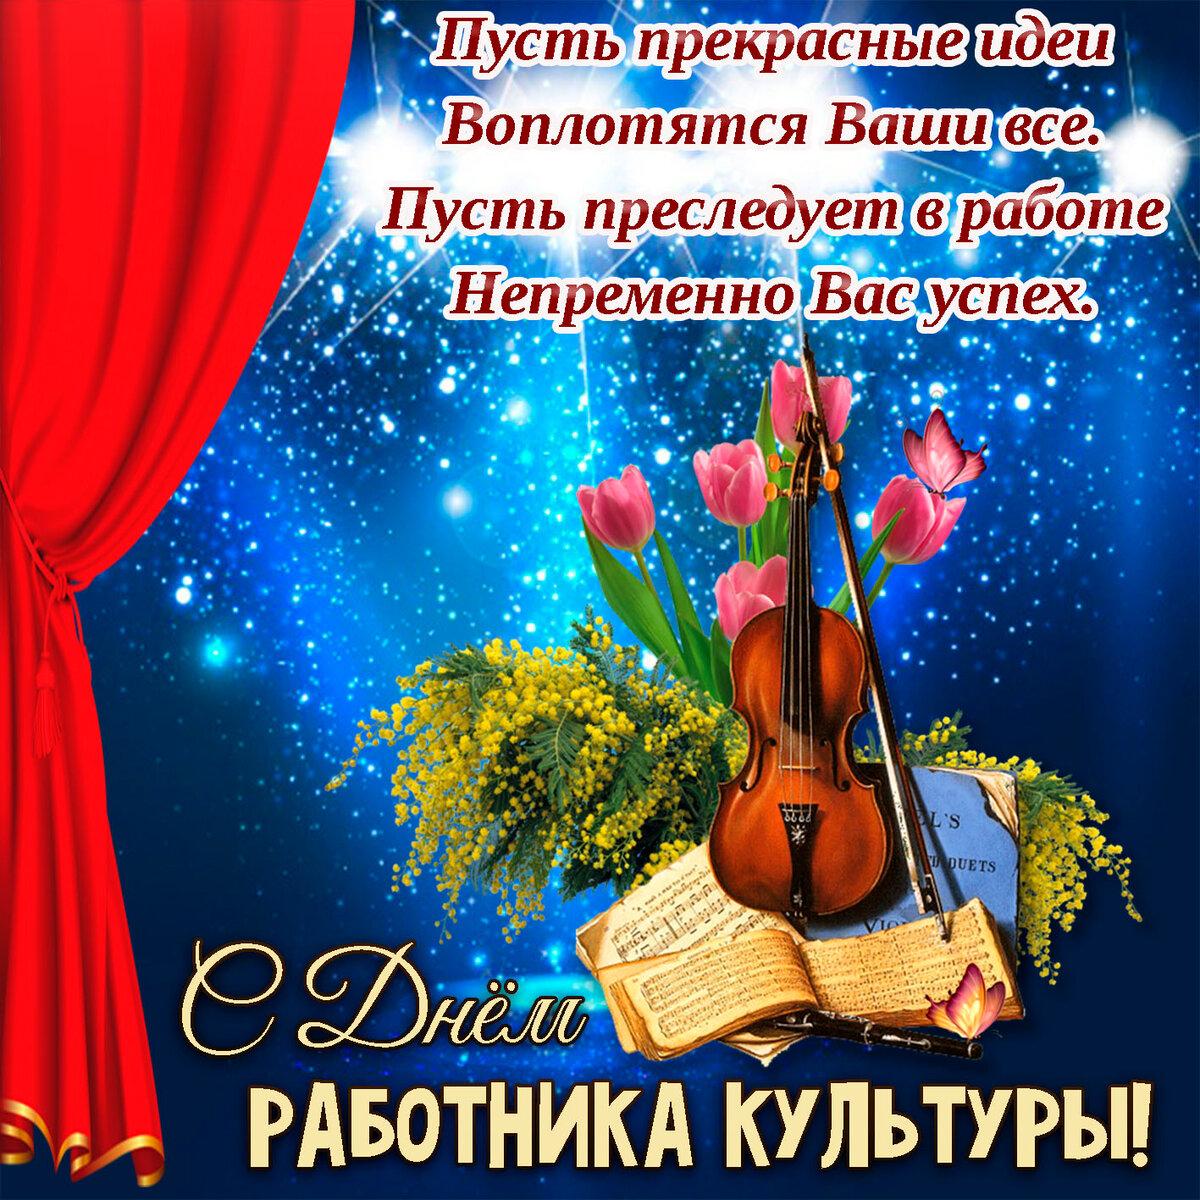 Днем святой, день культуры открытки прикольные